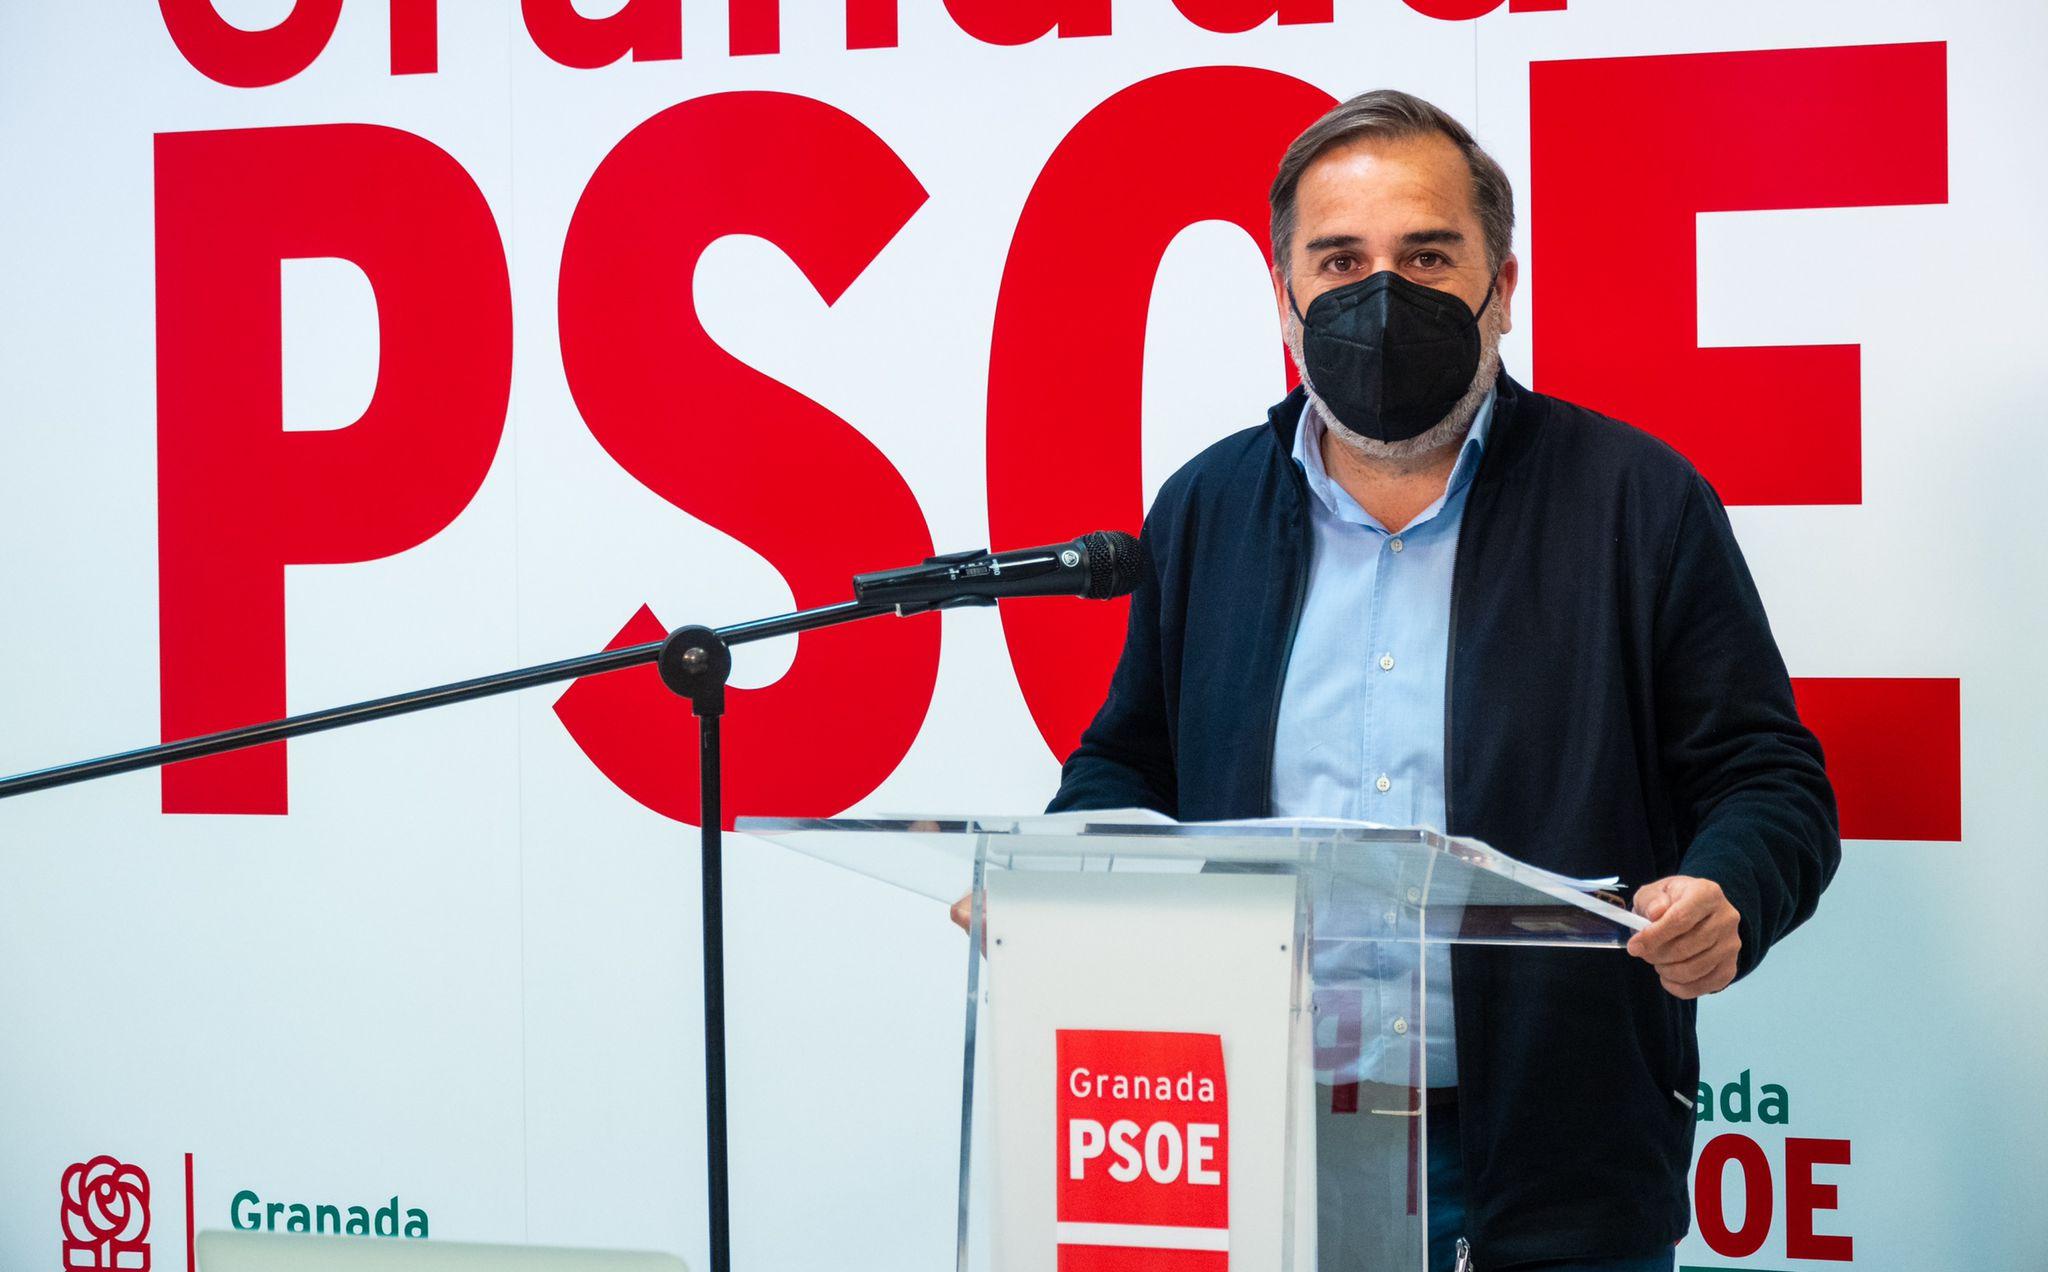 El PSOE exige la dimisión inmediata del gobierno de la ciudad de Granada